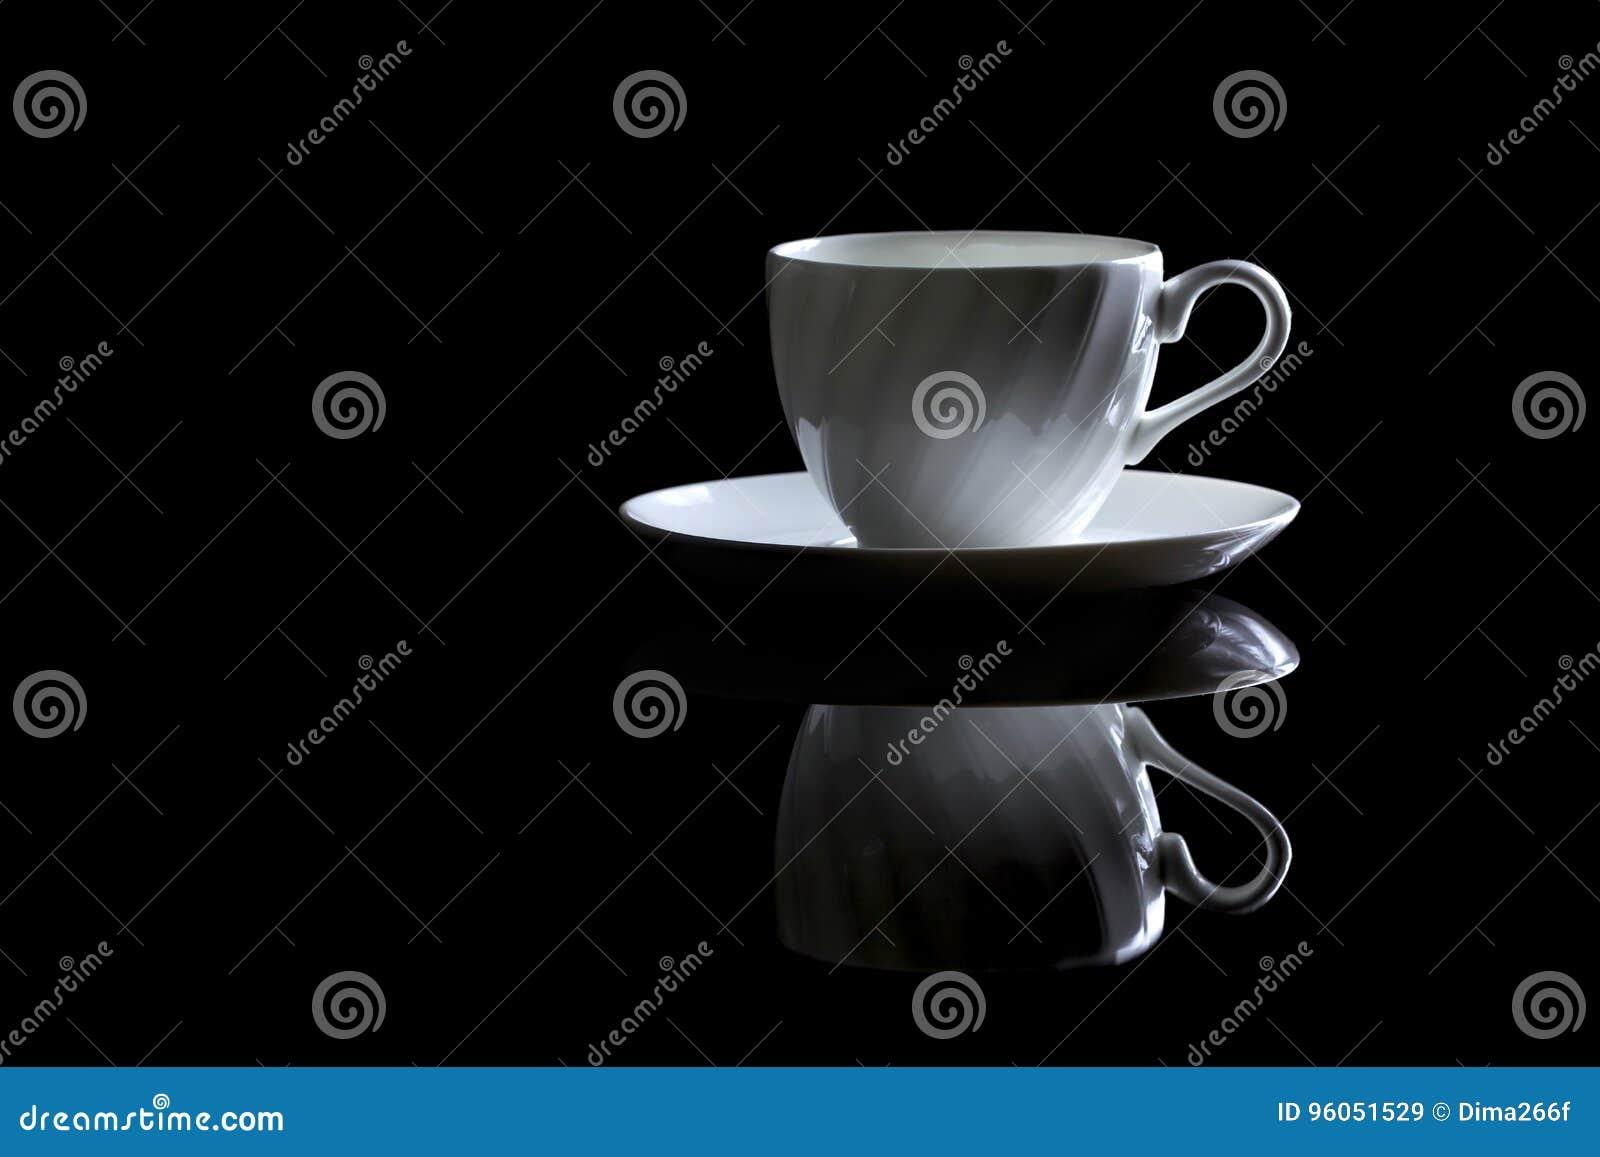 Tasse de café dans le contre-jour sur un fond réfléchi noir